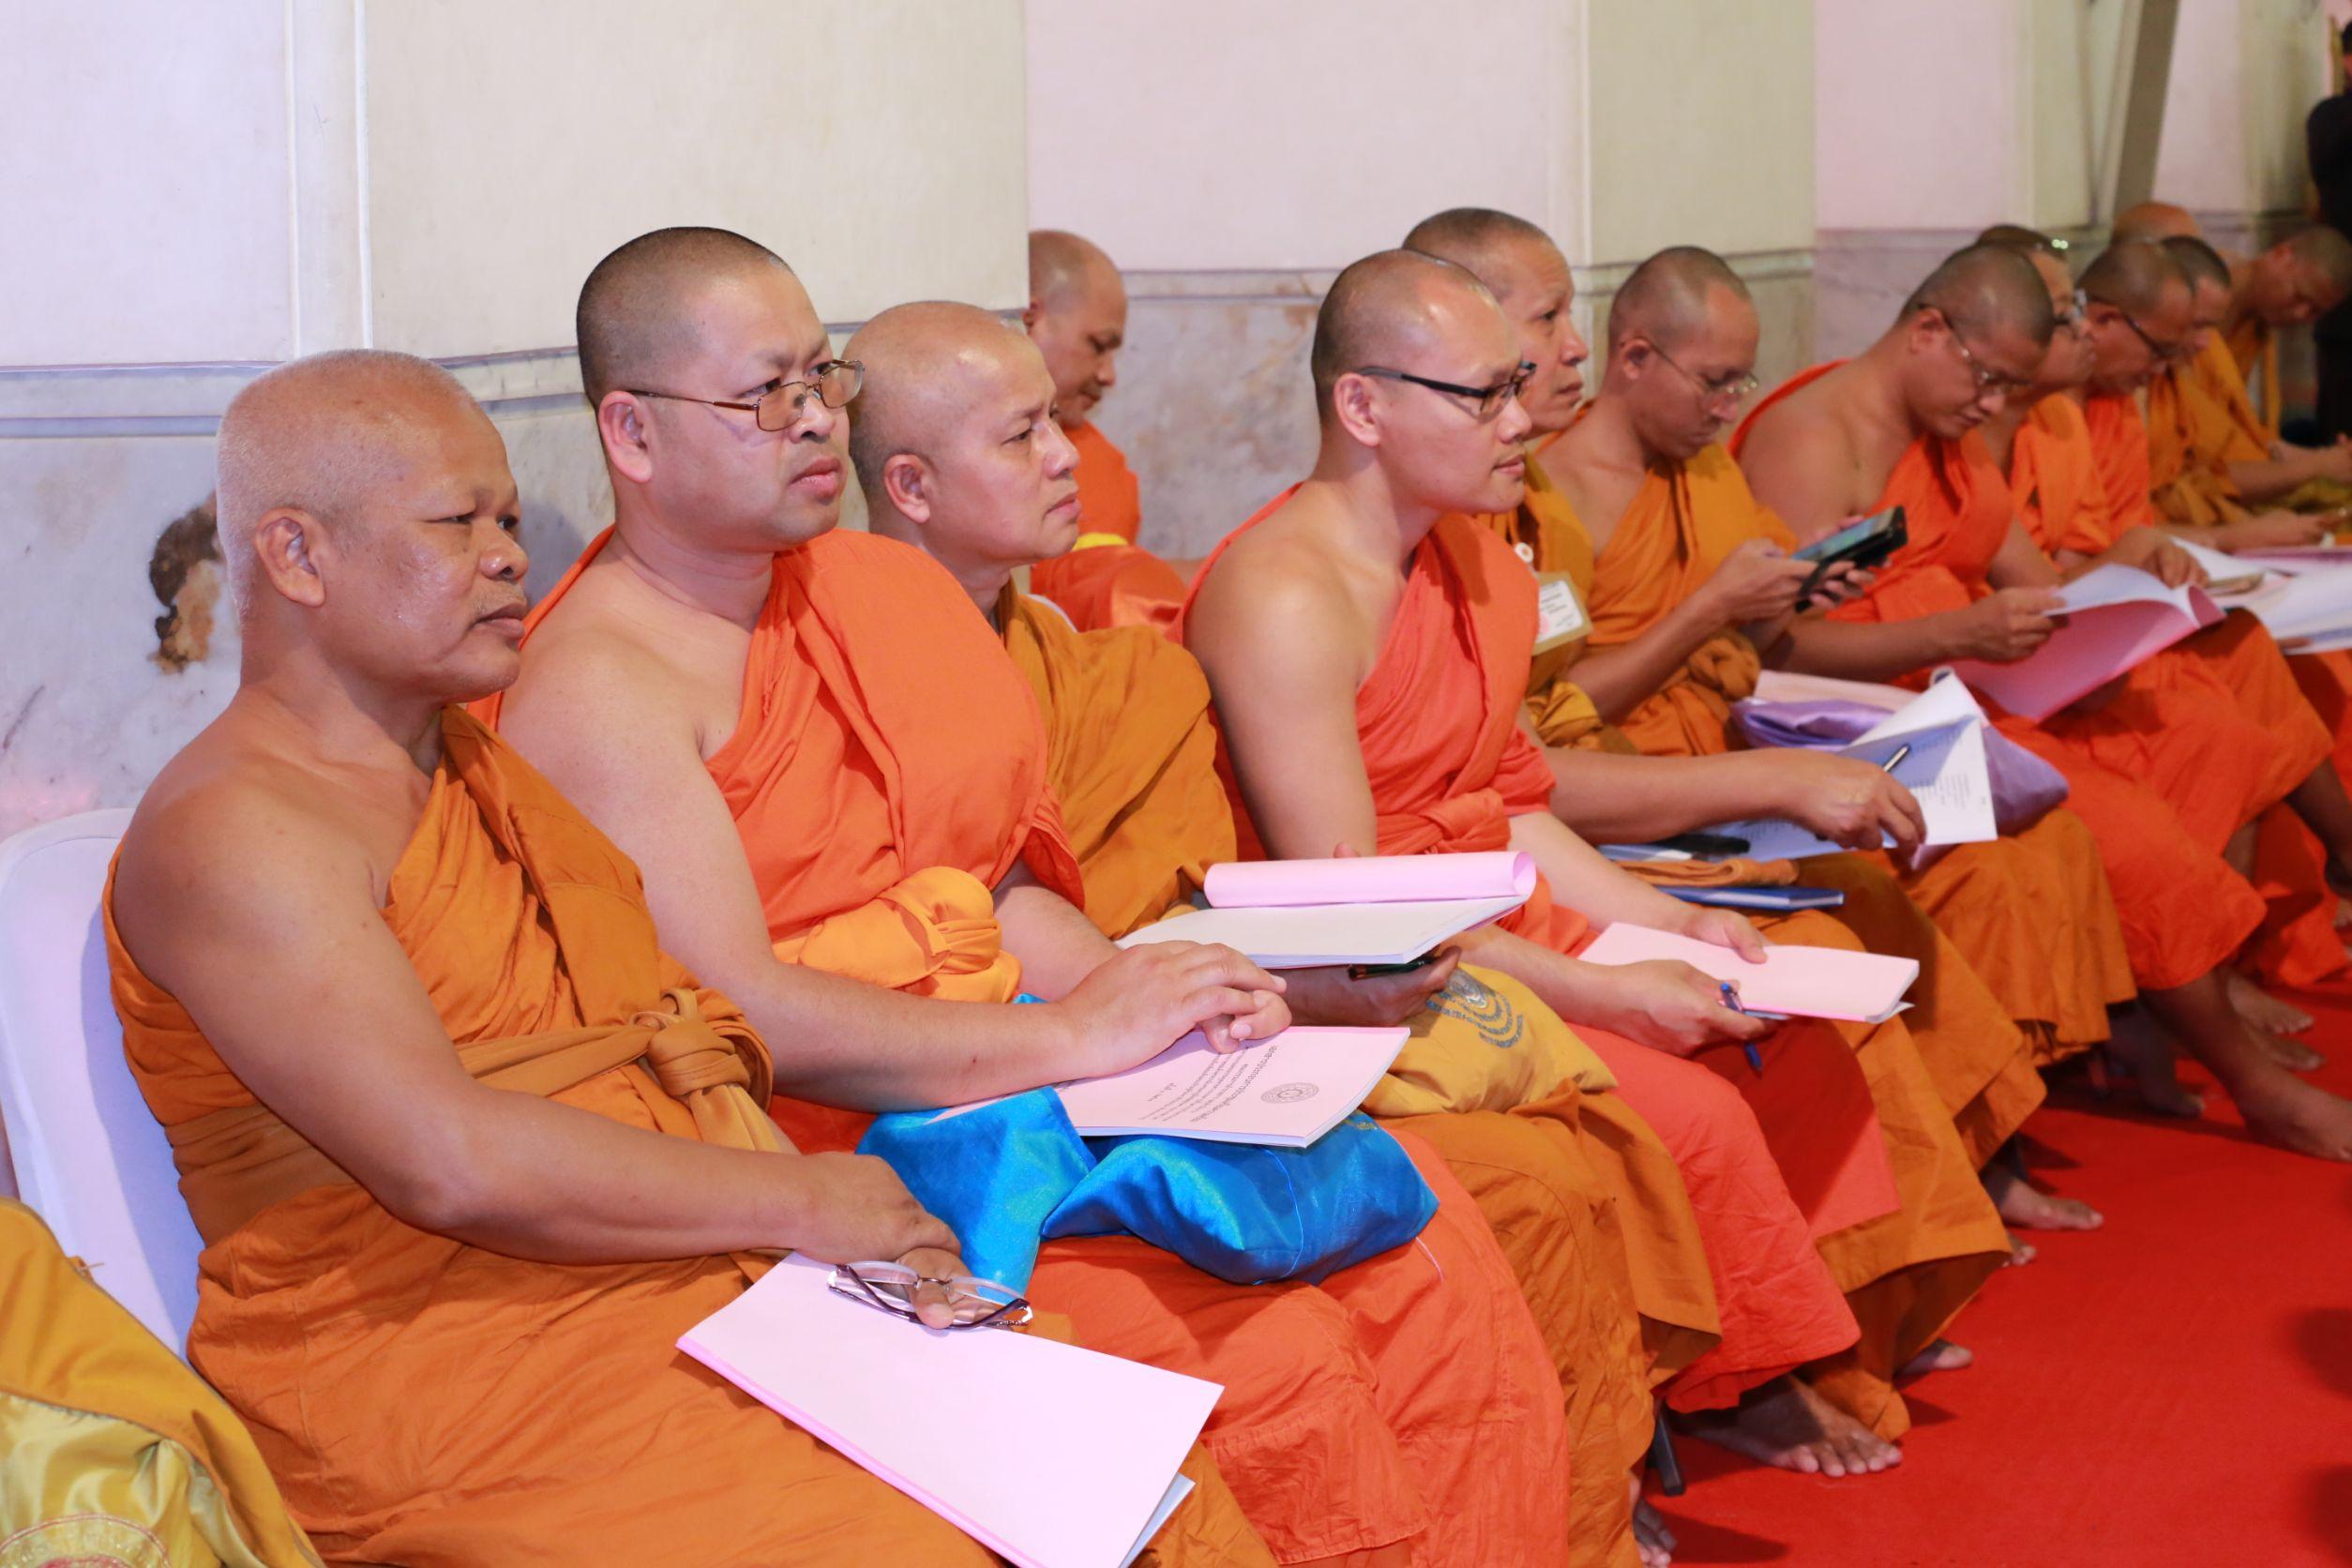 610205 ประชุม กก อำนวยการ-ดำเนินงาน พระธรรมทูตรุ่น24 โดย วพท 42